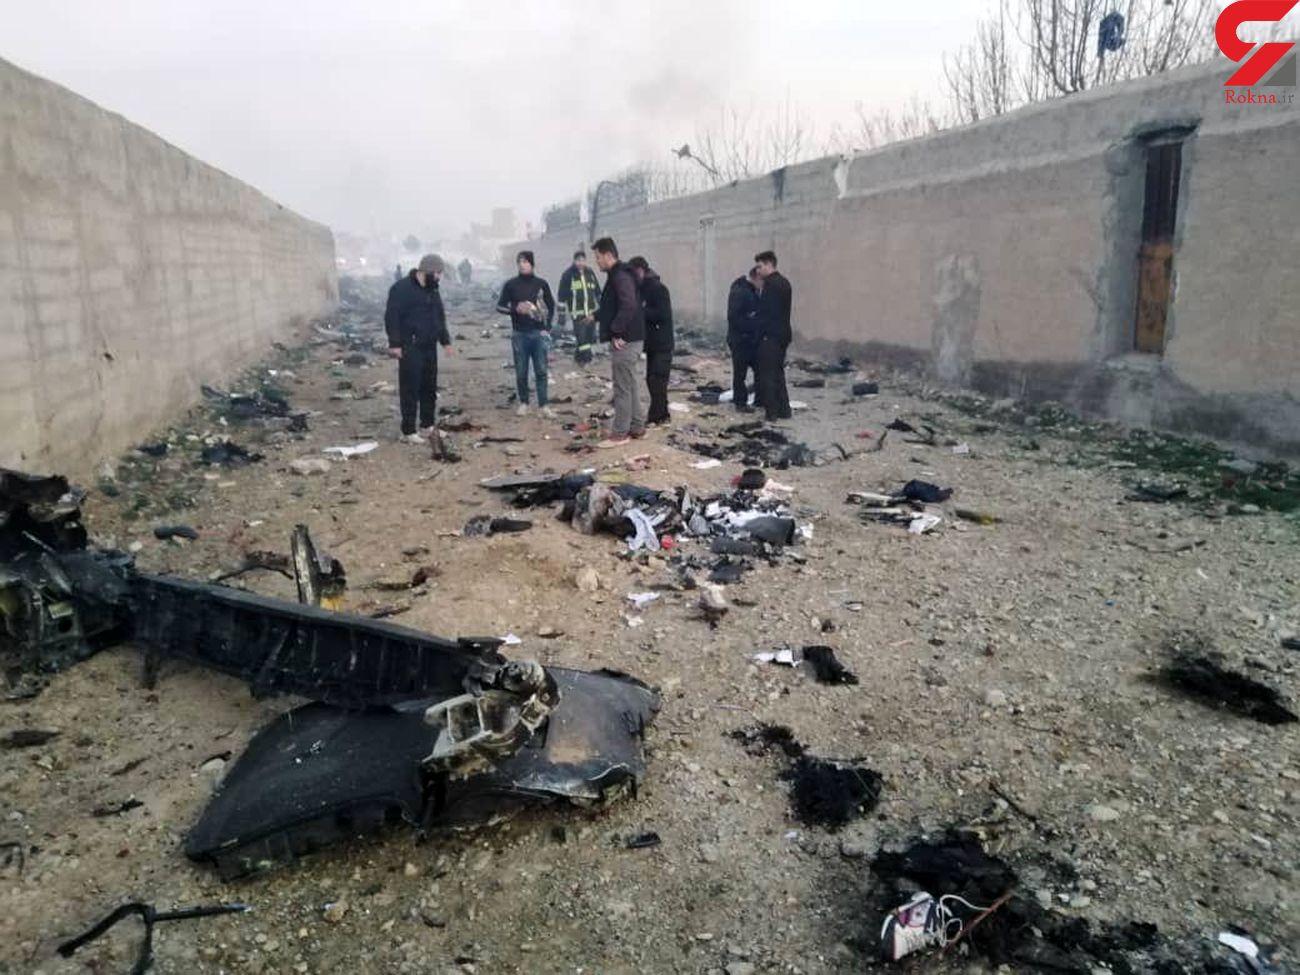 اولین عکس ها از سقوط بوئینگ 737 مسافری اوکراینی در جنوب تهران + فیلم